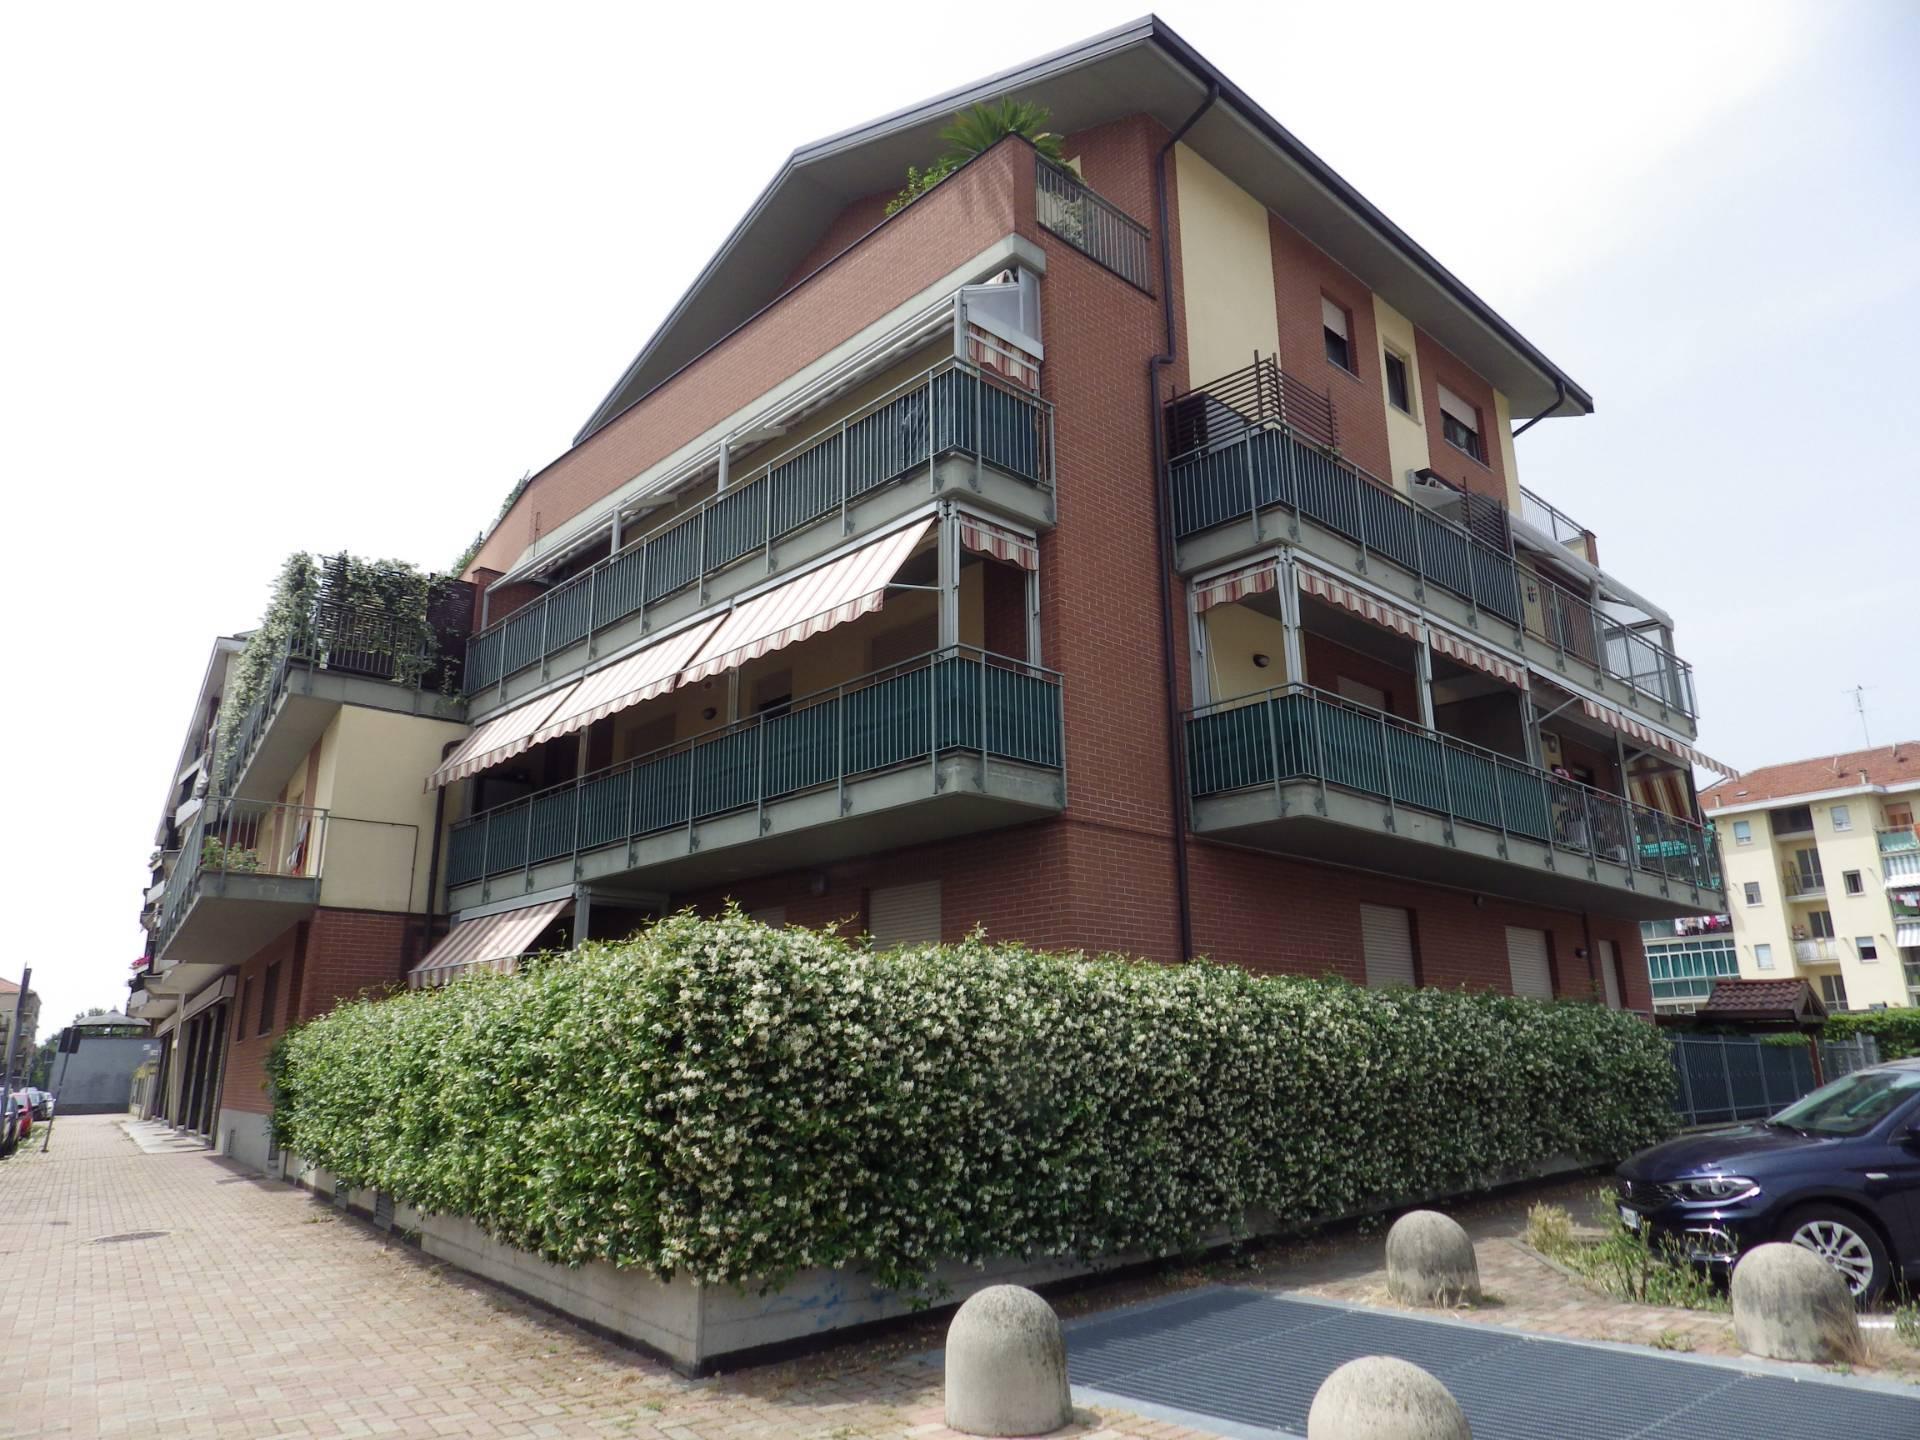 Appartamento in vendita a Grugliasco, 3 locali, prezzo € 238.000 | CambioCasa.it